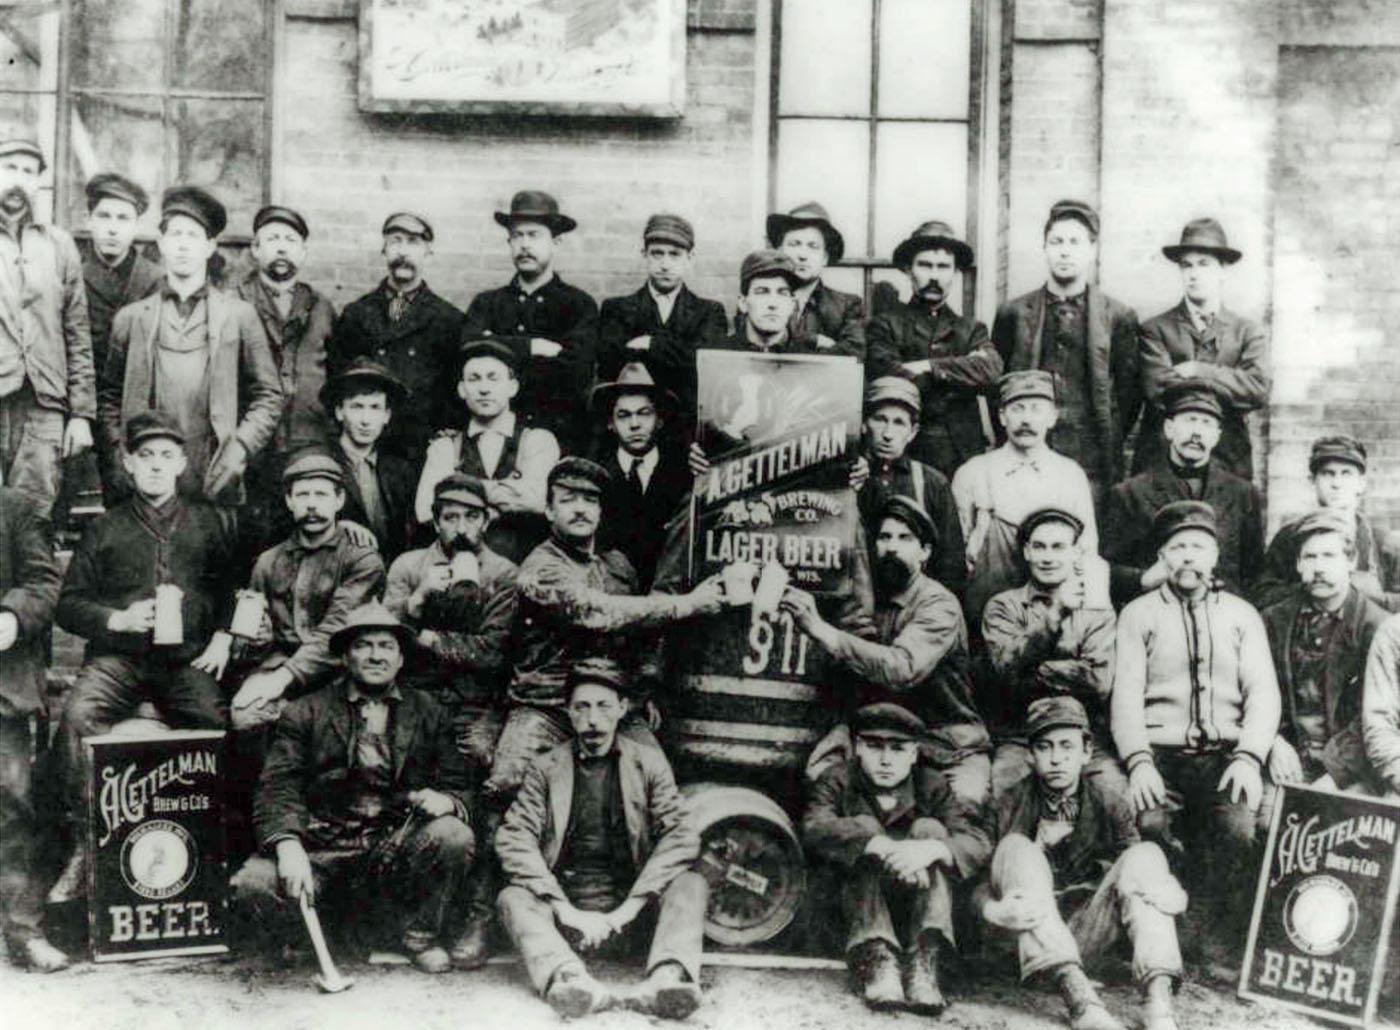 Gettelman Brewery Workers